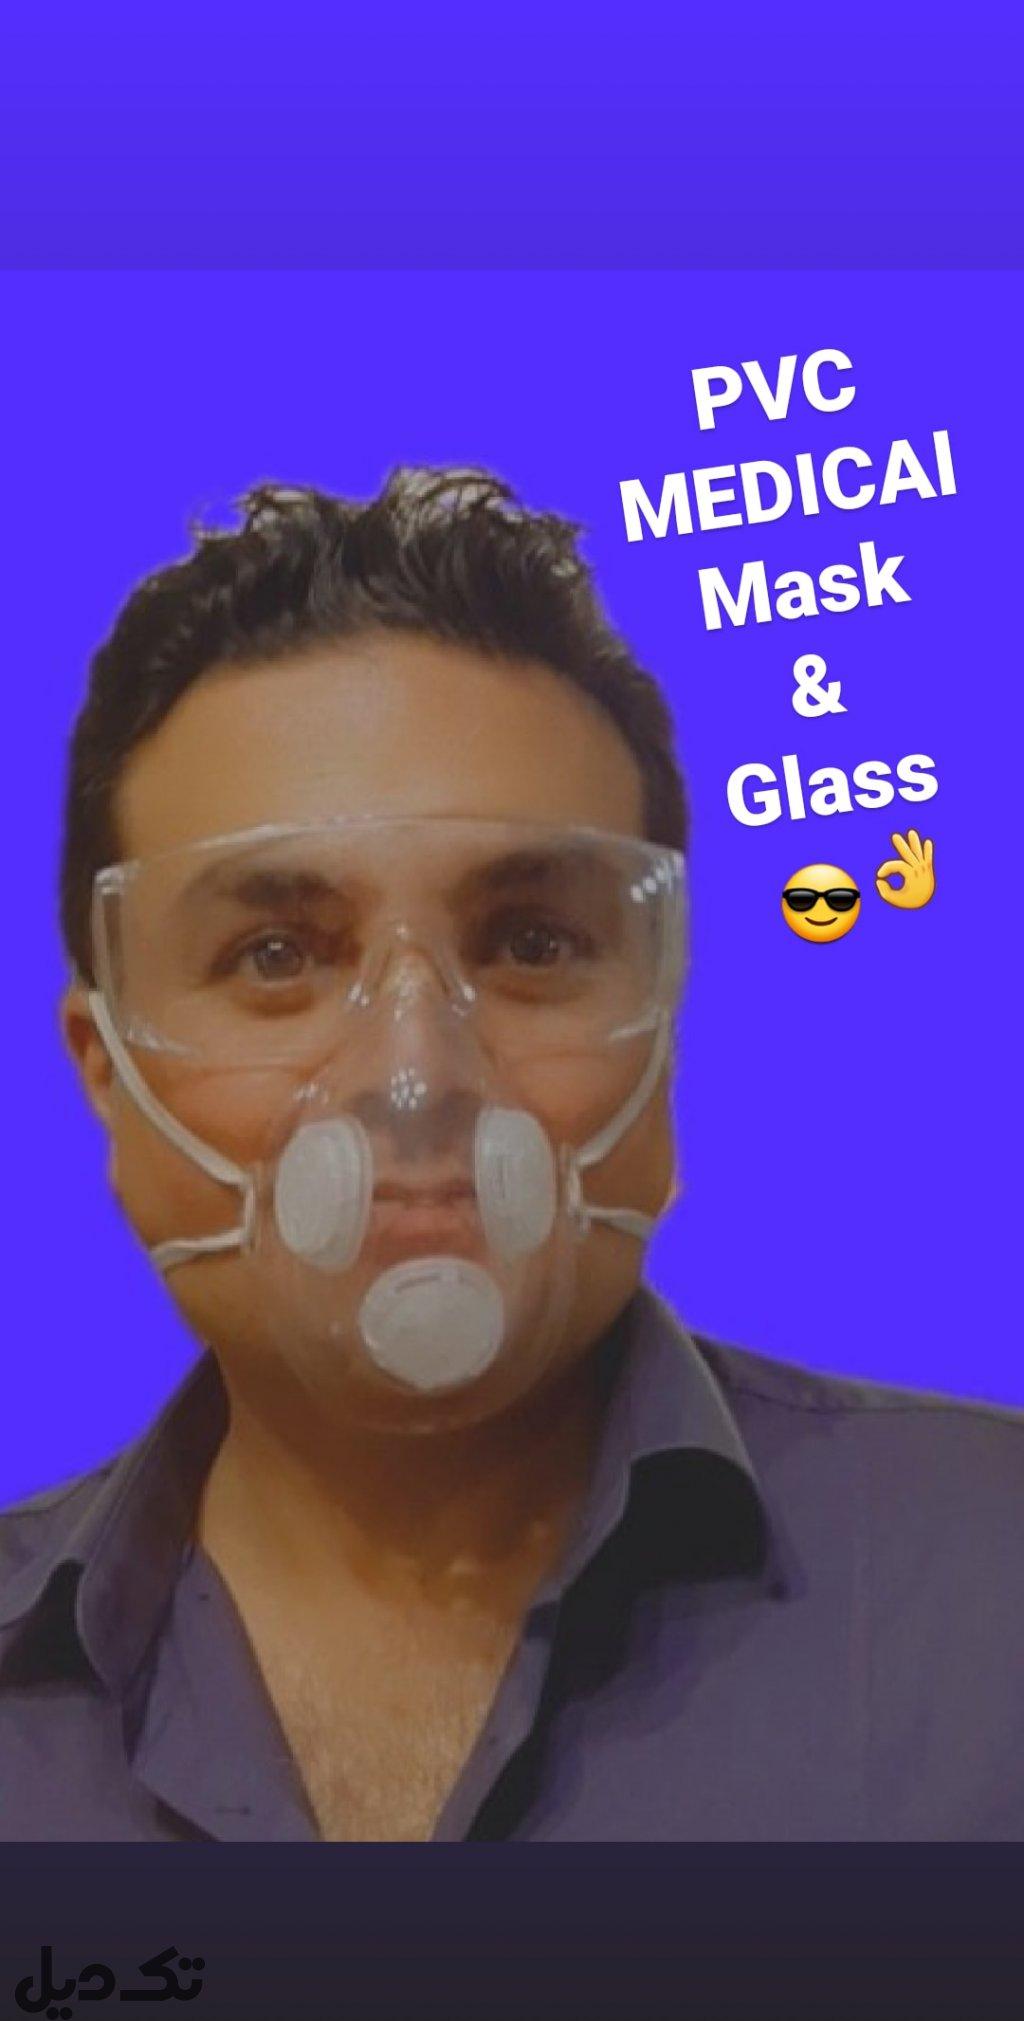 ست ماسک و عینک 4 عدد